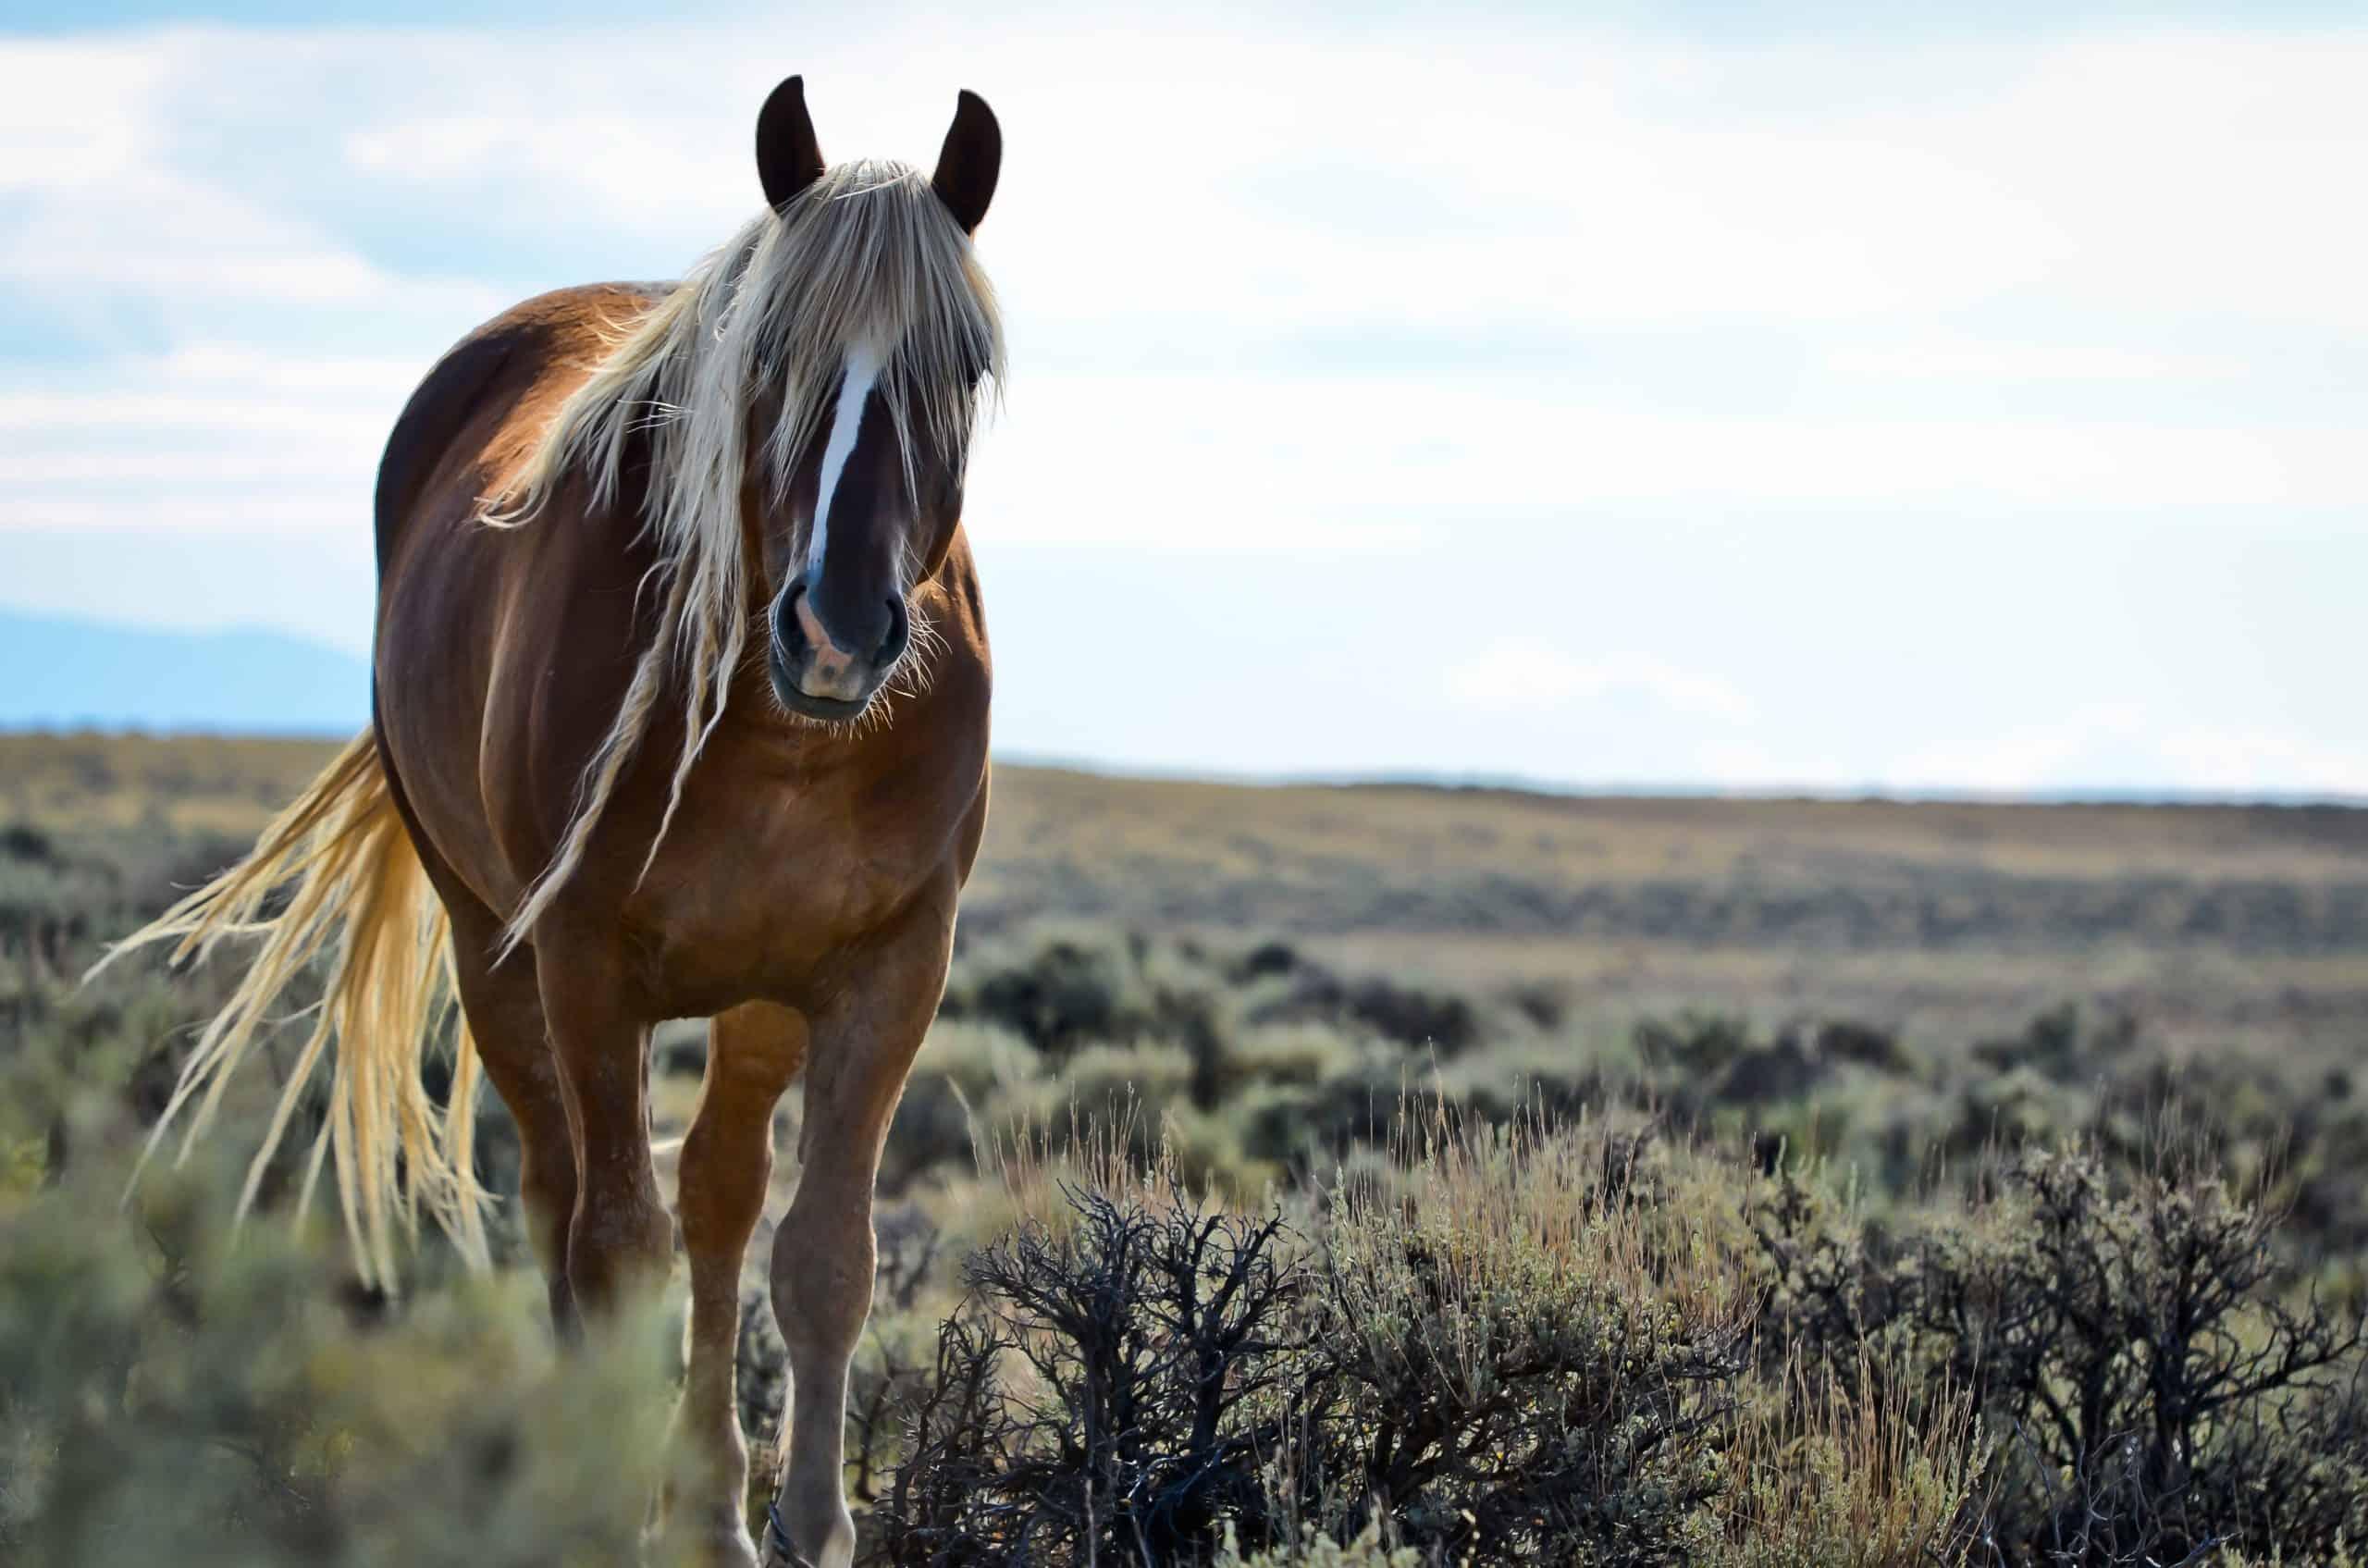 Wild Mustang near Cody, Wyoming.